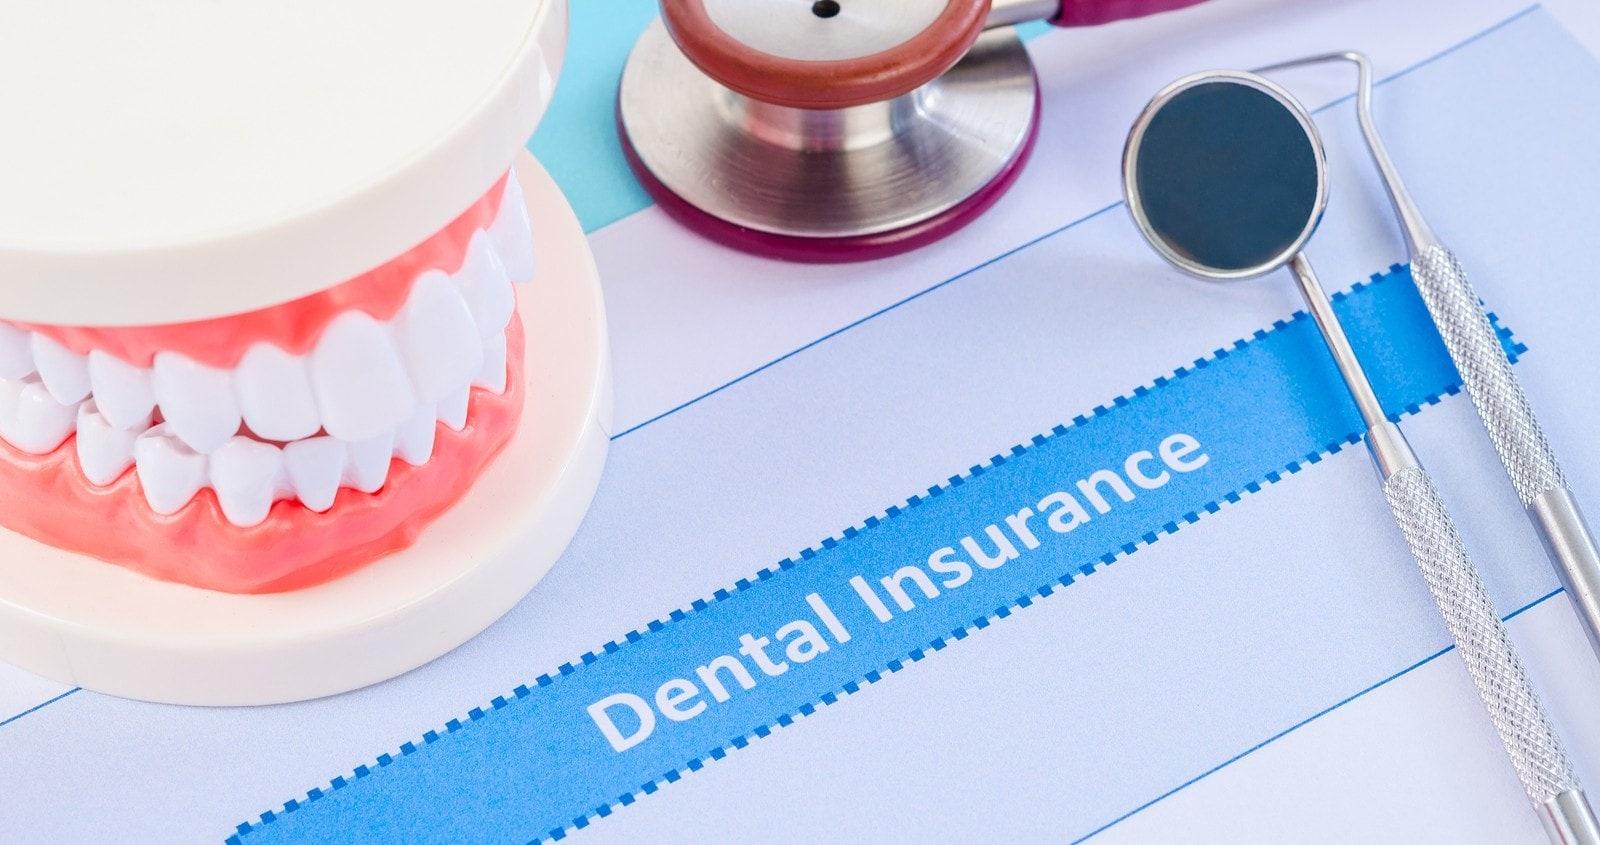 Dental Insurances We Accept